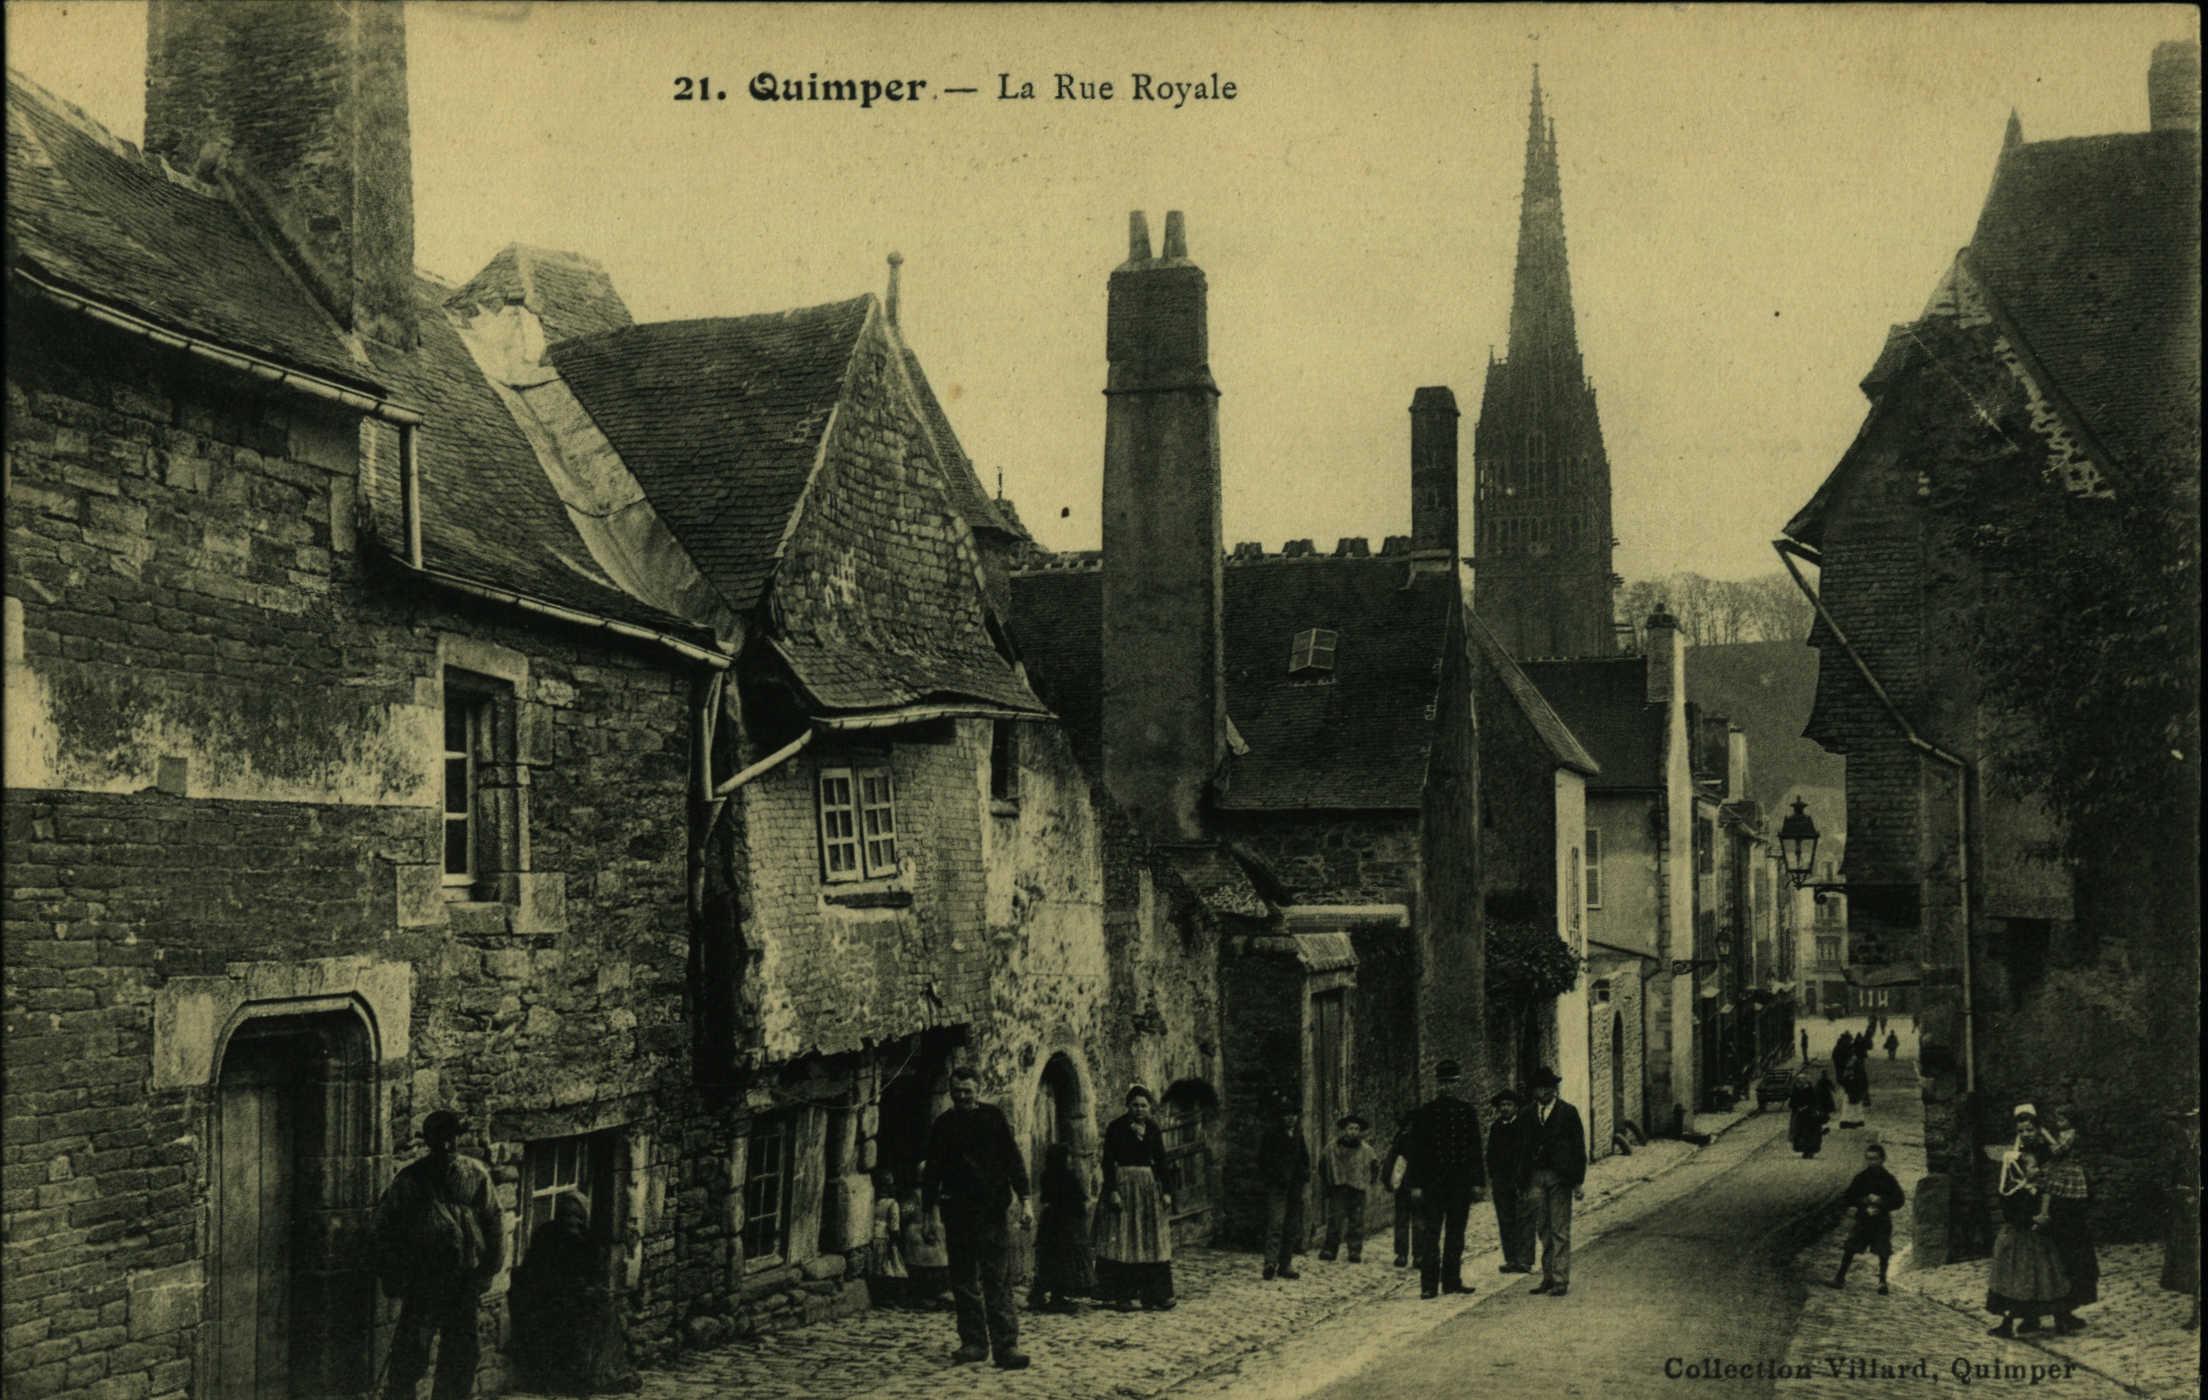 Rue royale de Quimper au début du siècle